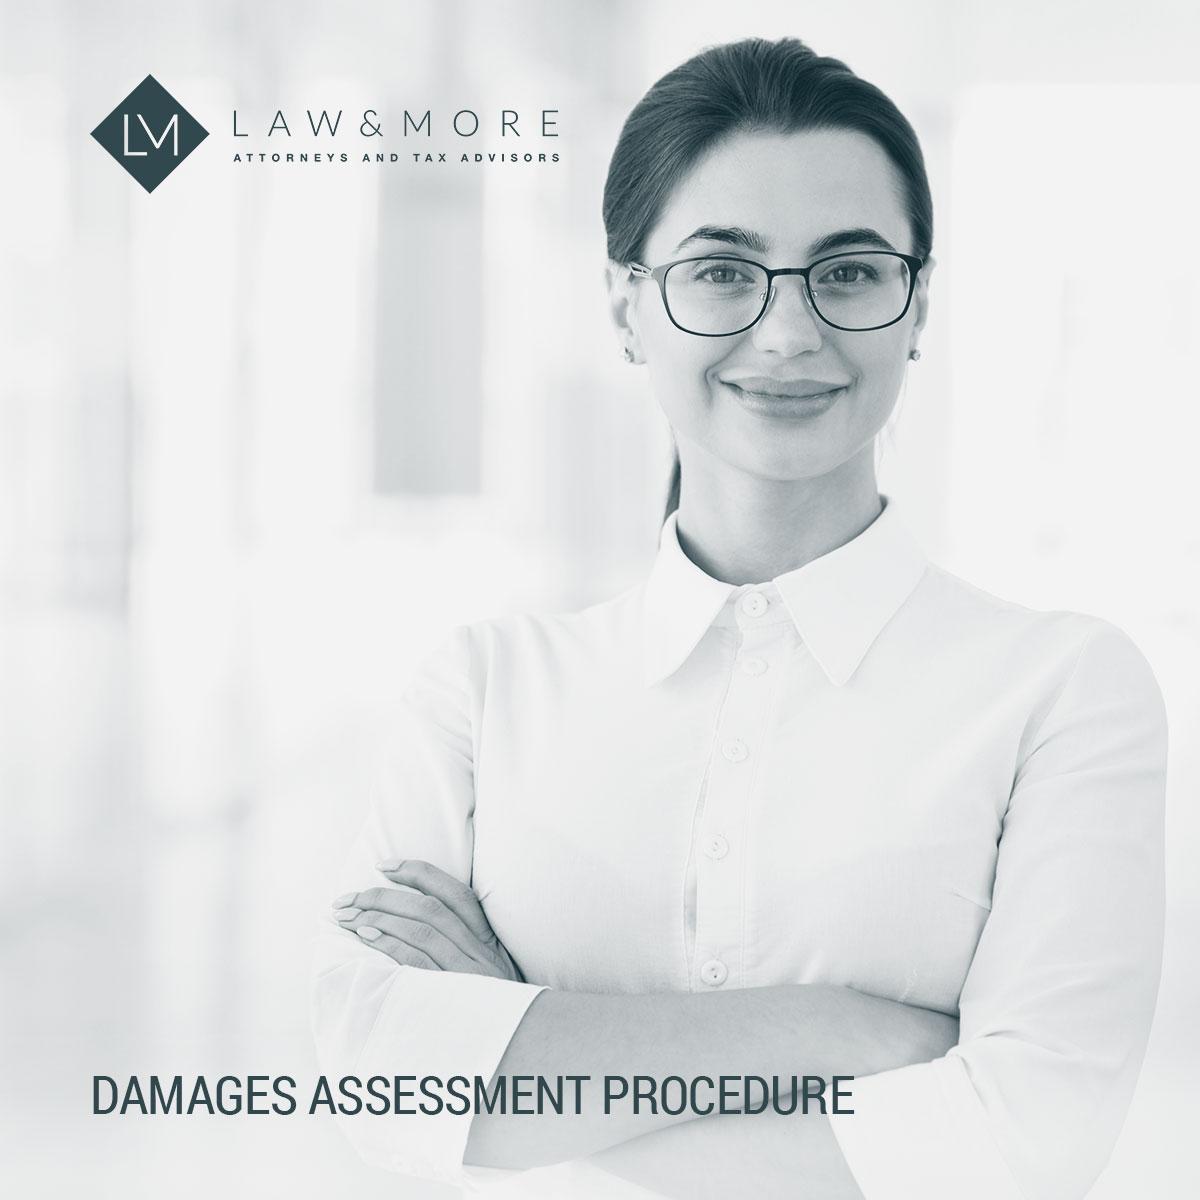 Процедура за оценка на щетите